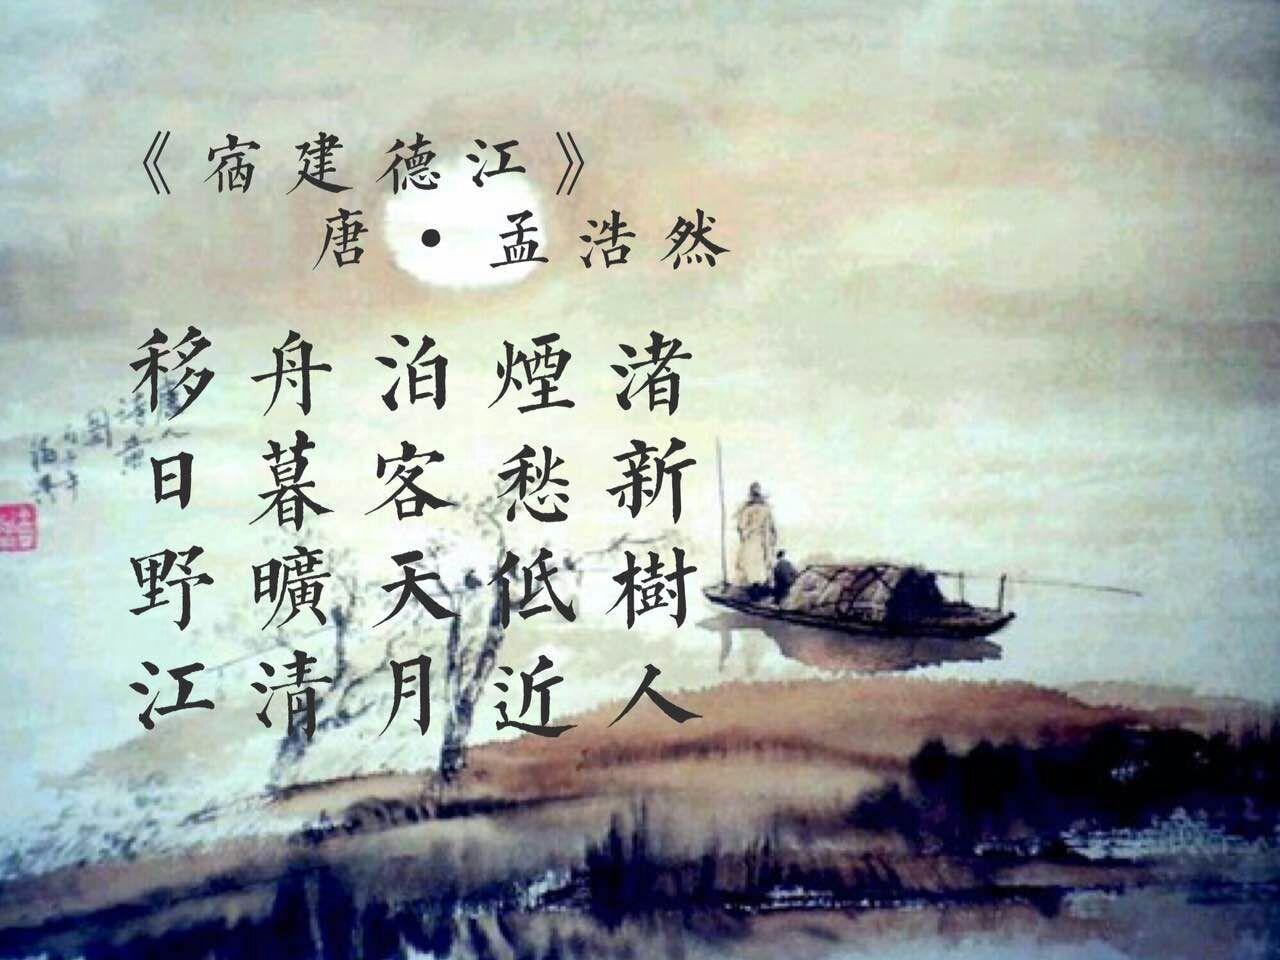 2016.8.5晨诵《宿建德江》_国学教育003群_学